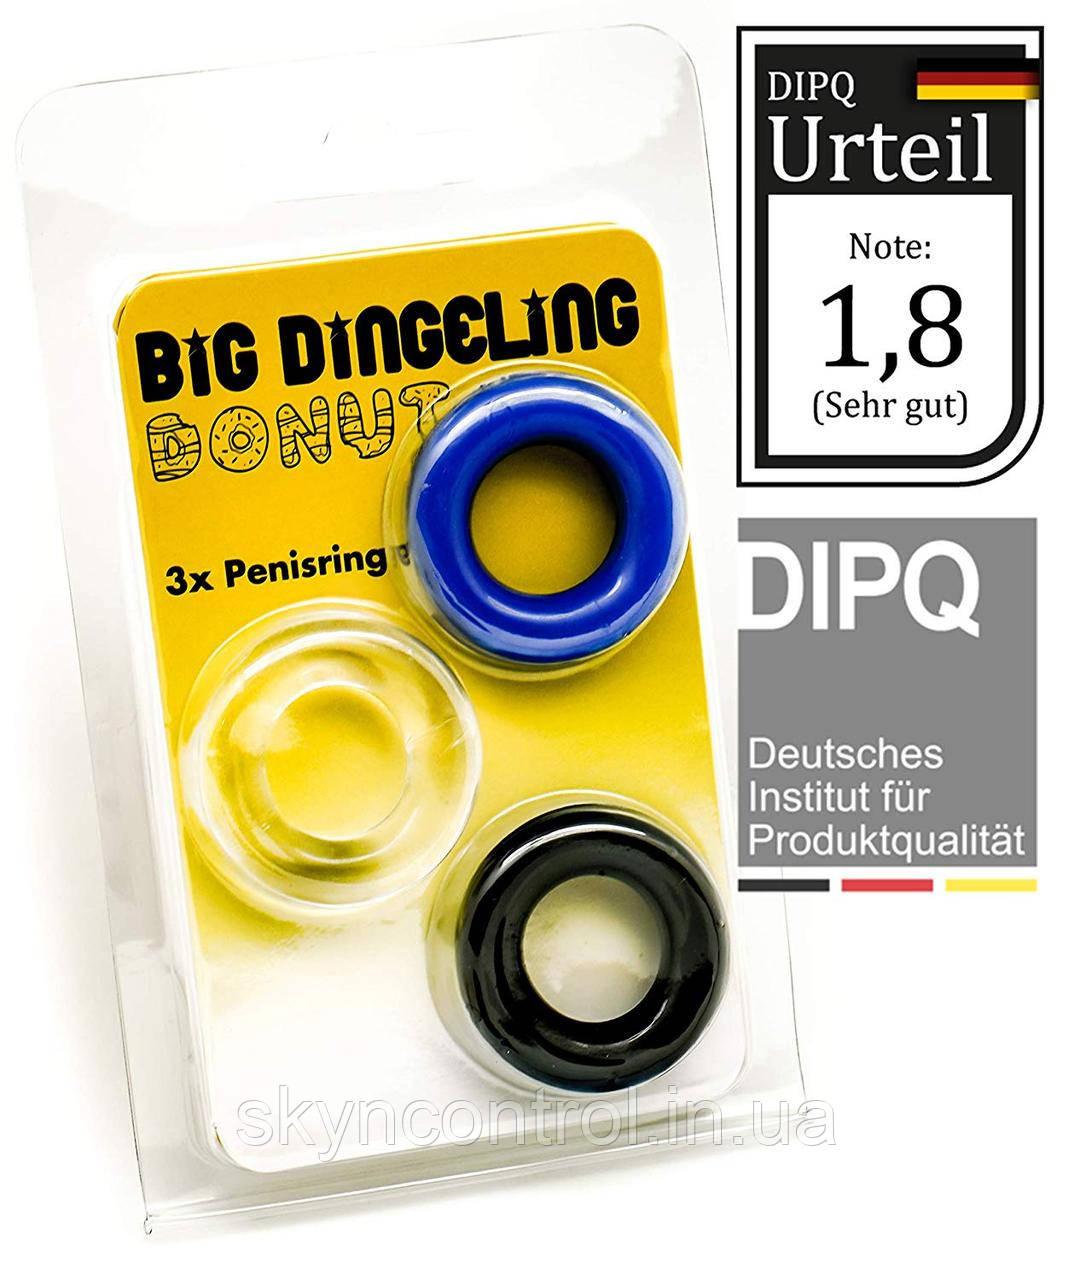 BIG DINGELING Эрекционное кольцо, три цвета